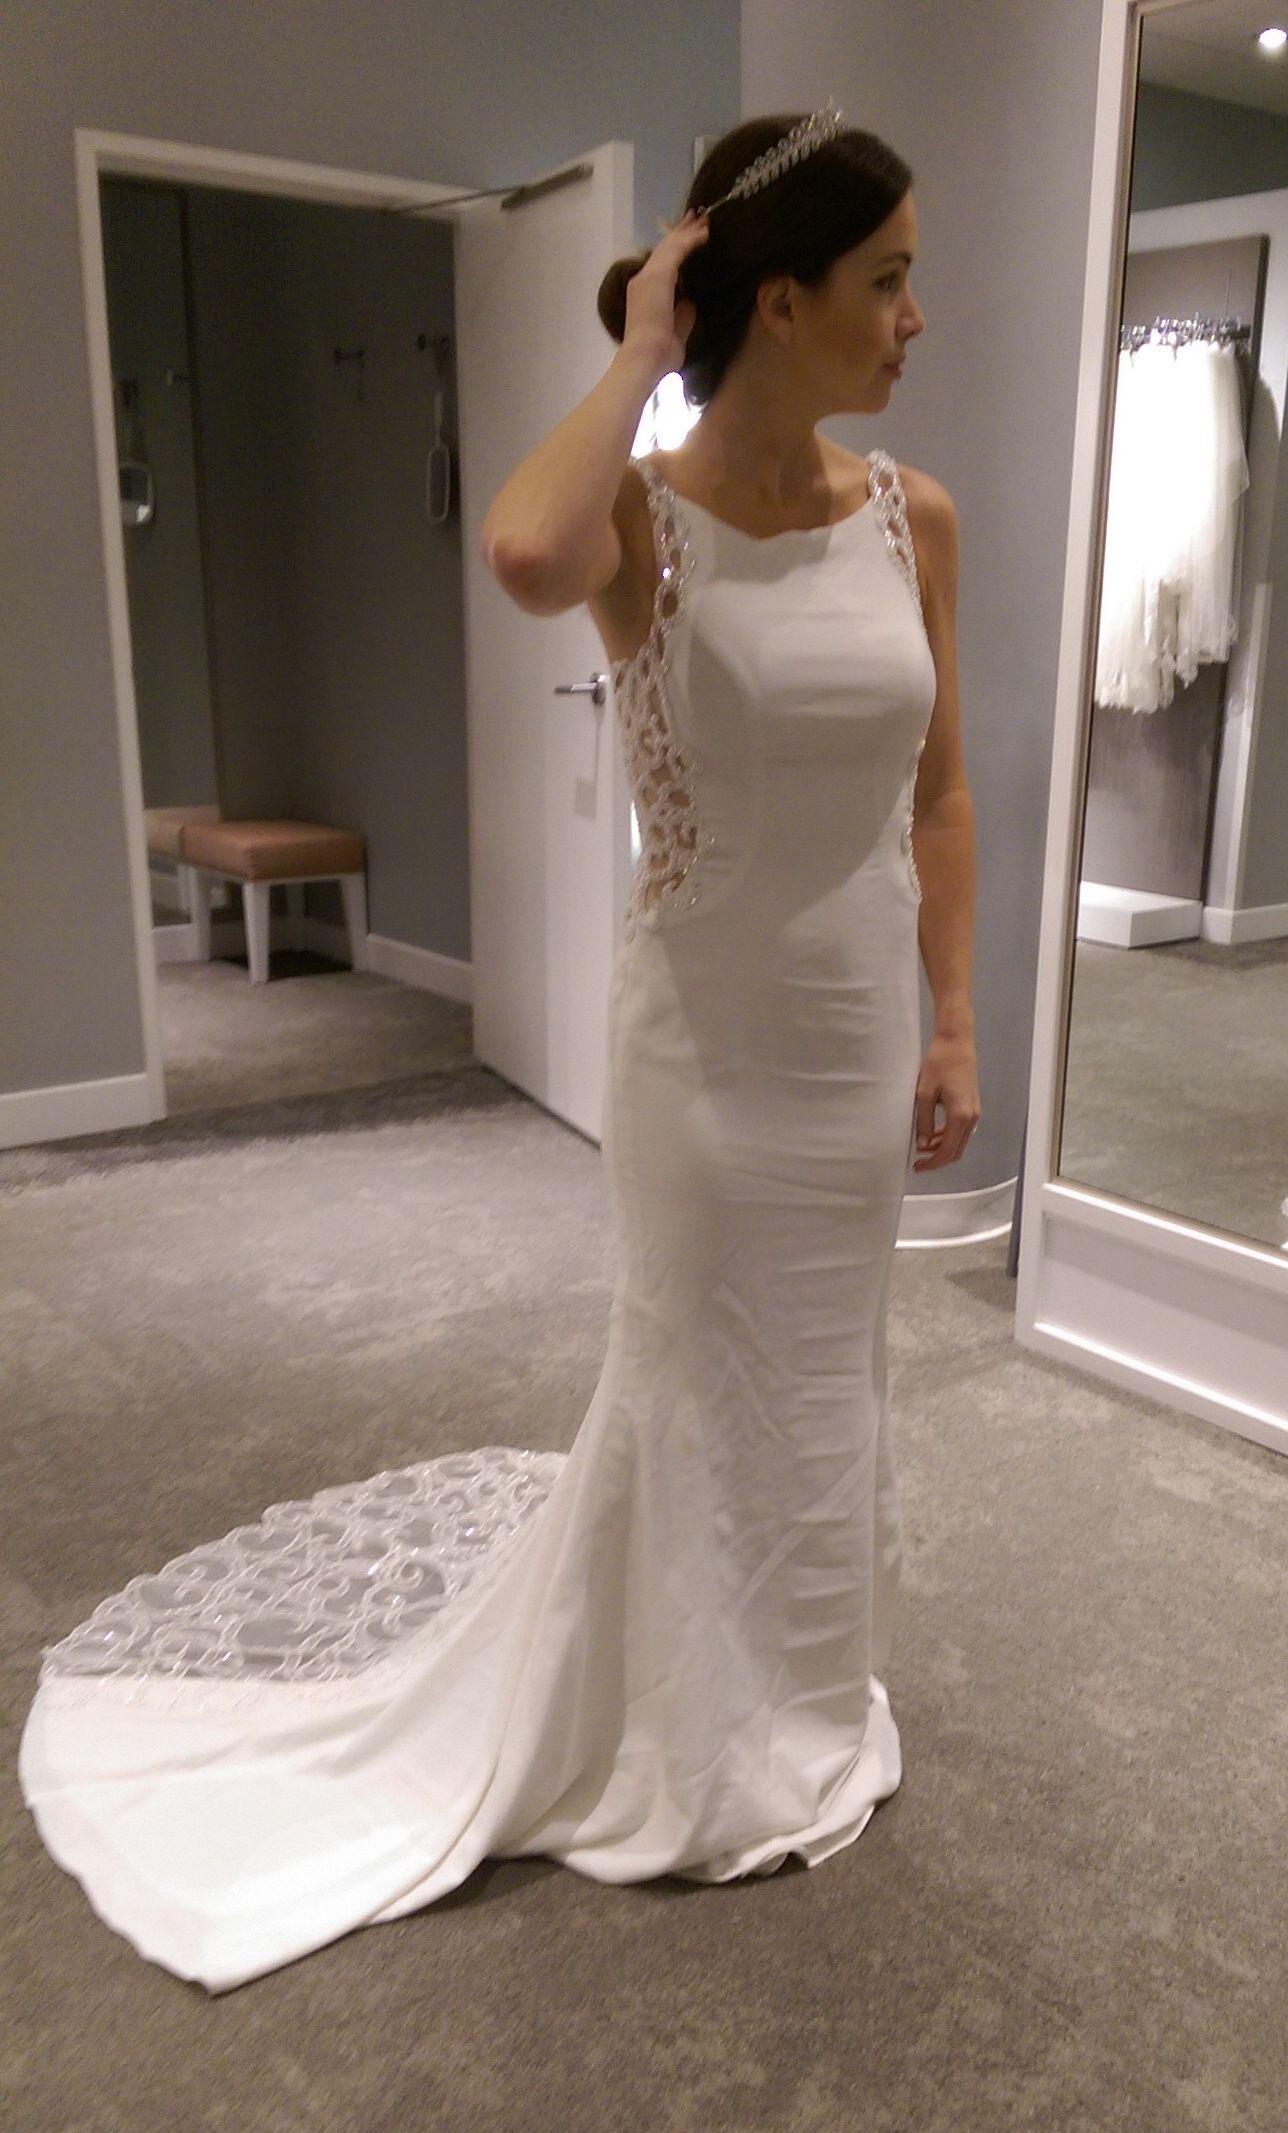 Galina Signature Beaded Illusion Wedding Dress Bridal Weddingdress Galina Sv771 Bridal Wedding Dresses Illusion Wedding Dress Bridesmaid Dressing Gowns [ 2133 x 1288 Pixel ]